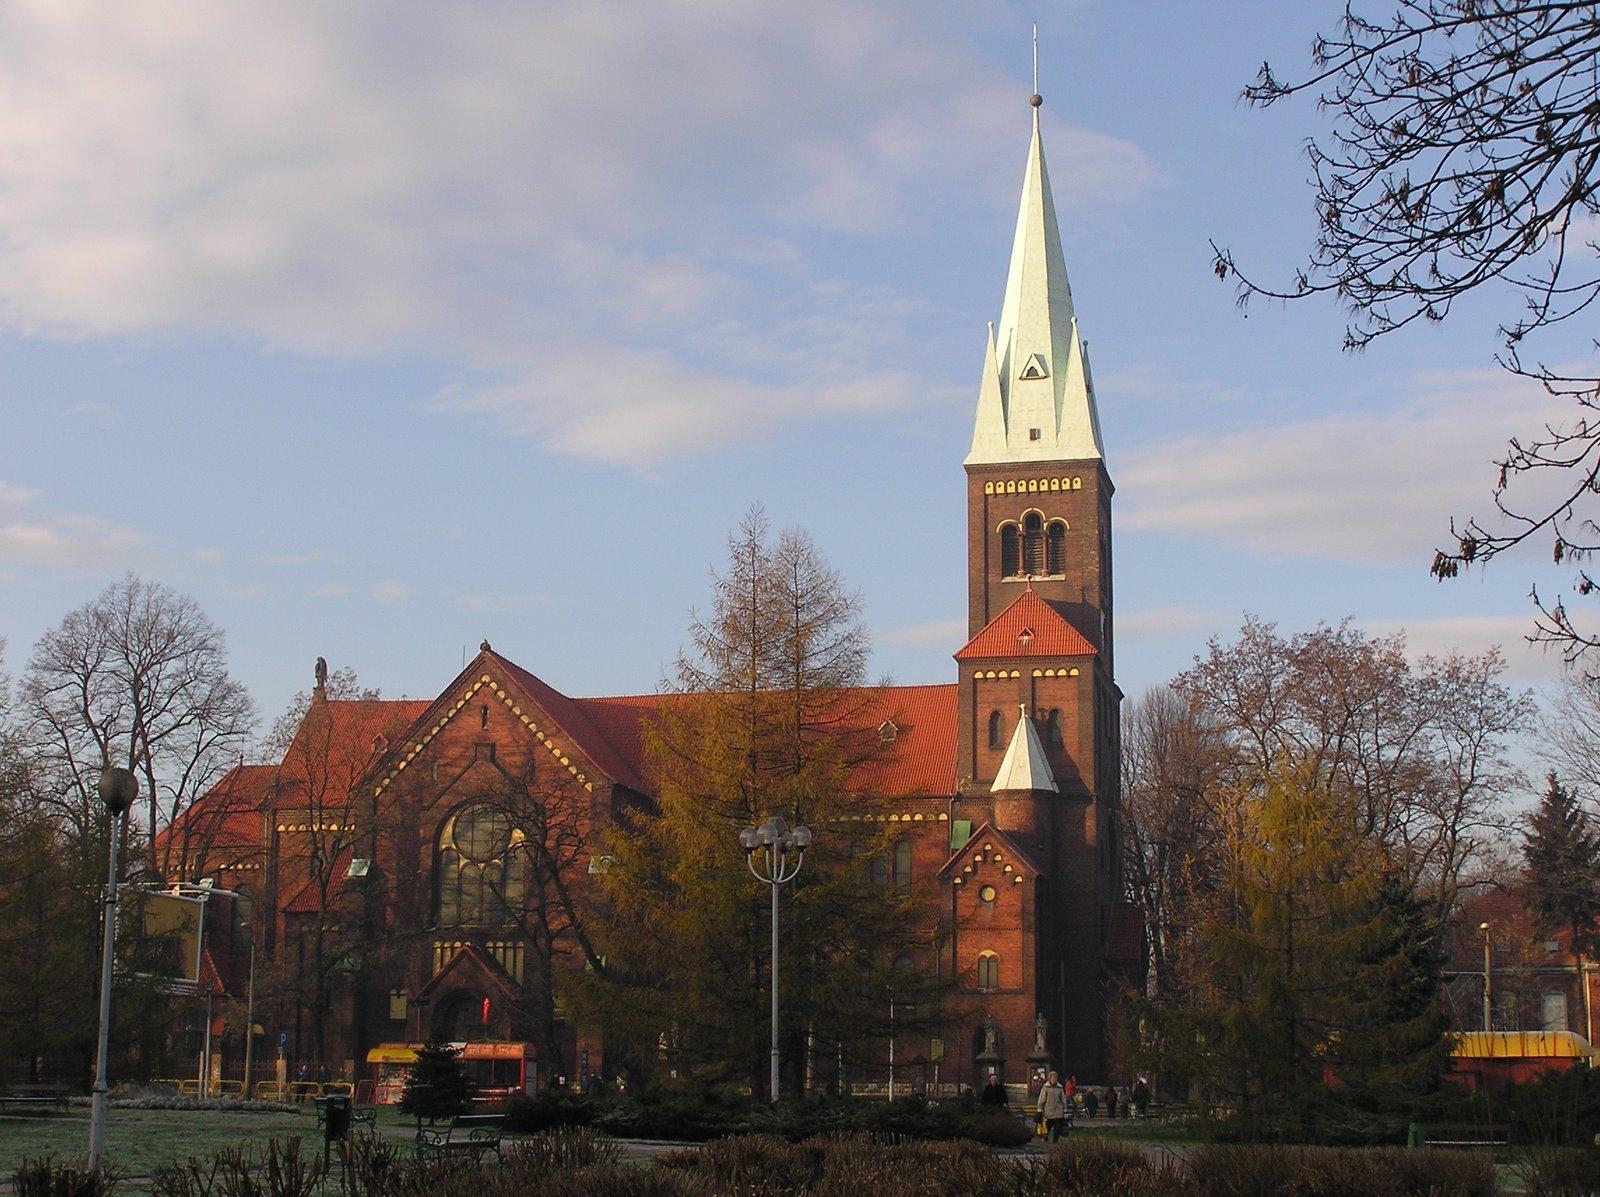 Kościół  św. Michała Archanioła w Siemianowicach - Michałkowicach